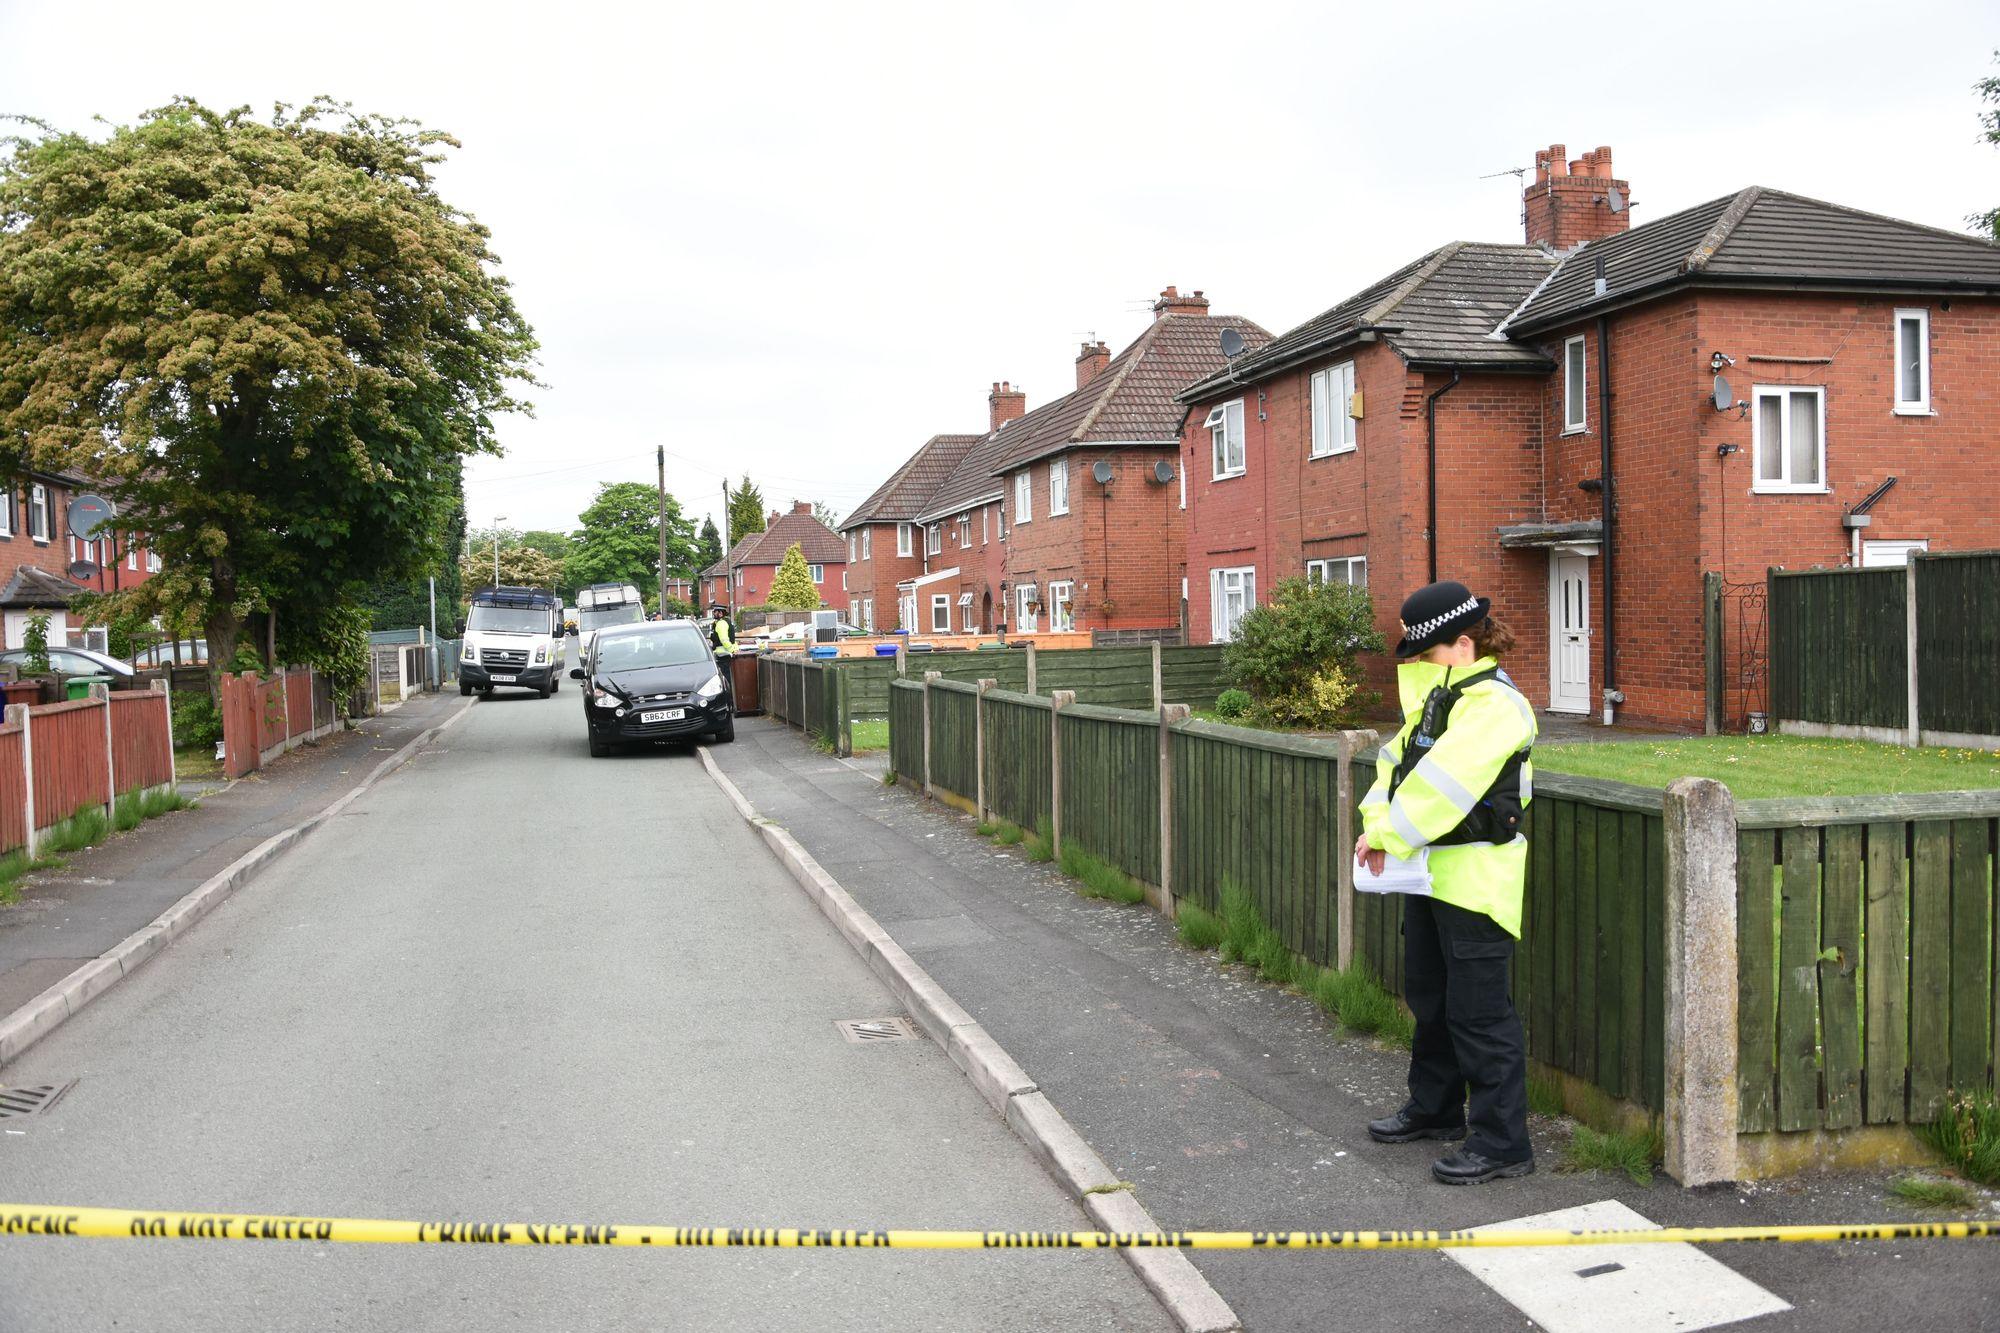 Deux nouvelles arrestations, une femme libérée — Attentat de Manchester